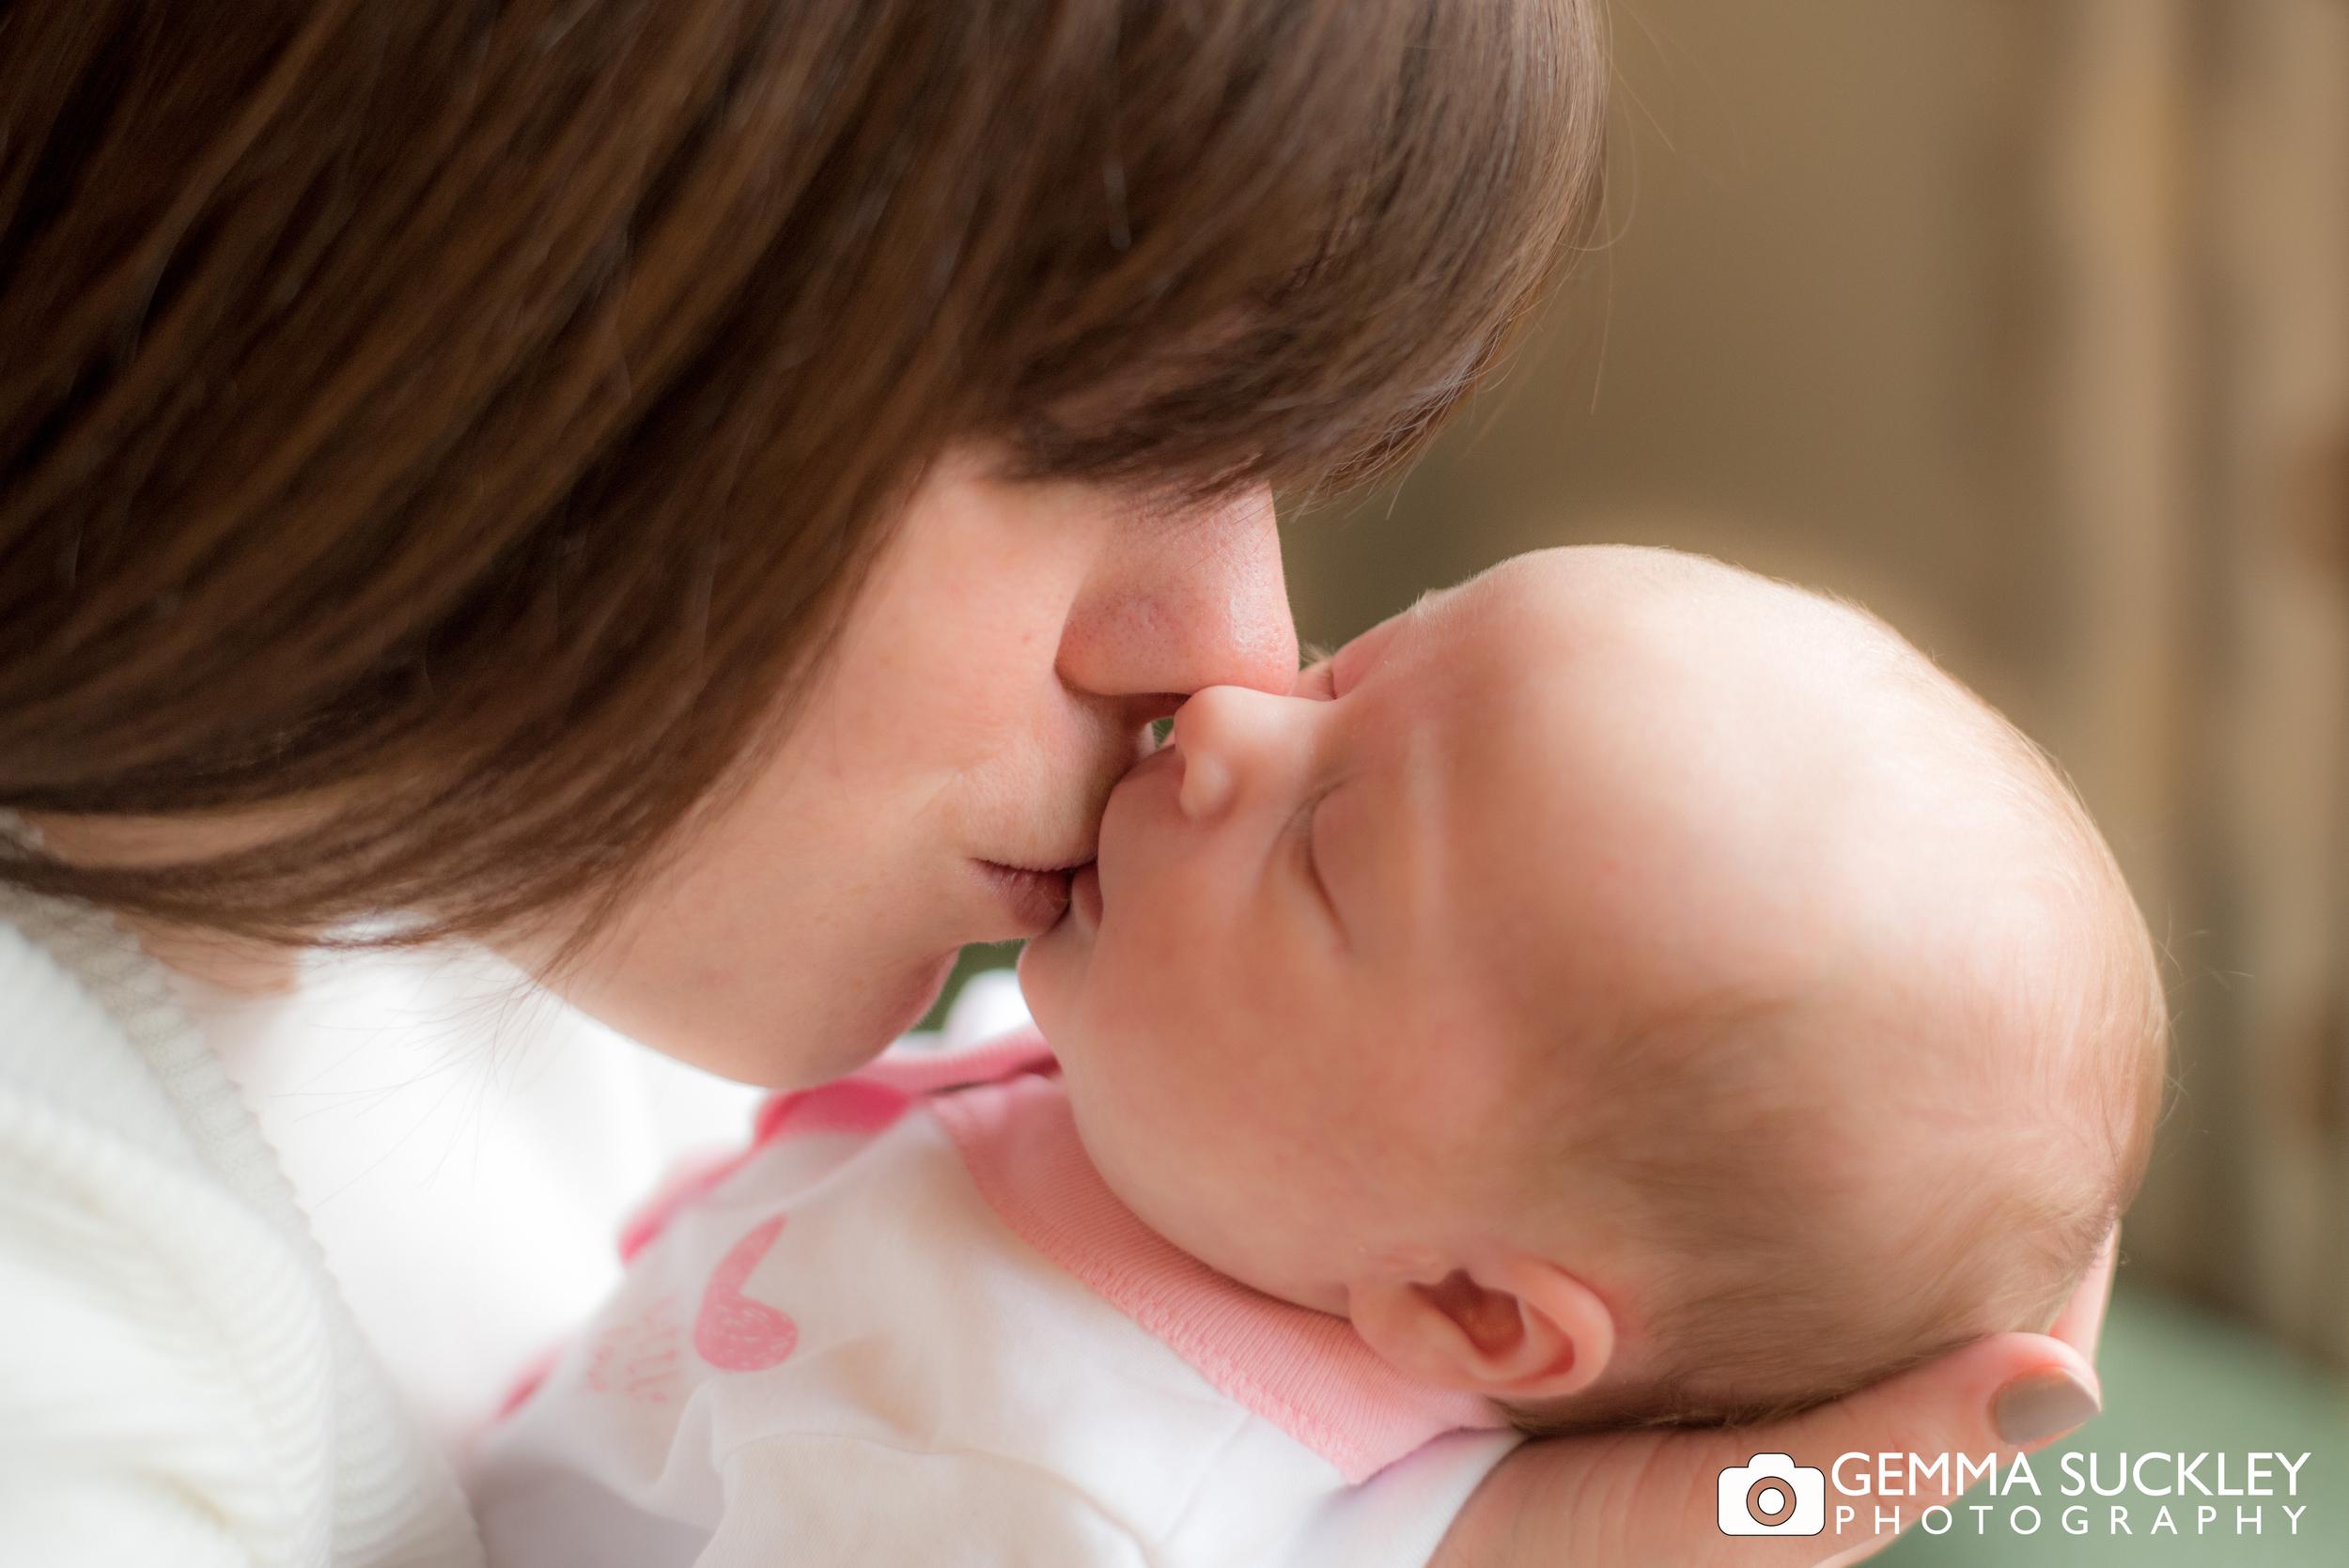 mum-and-baby-photo-shoot.jpg